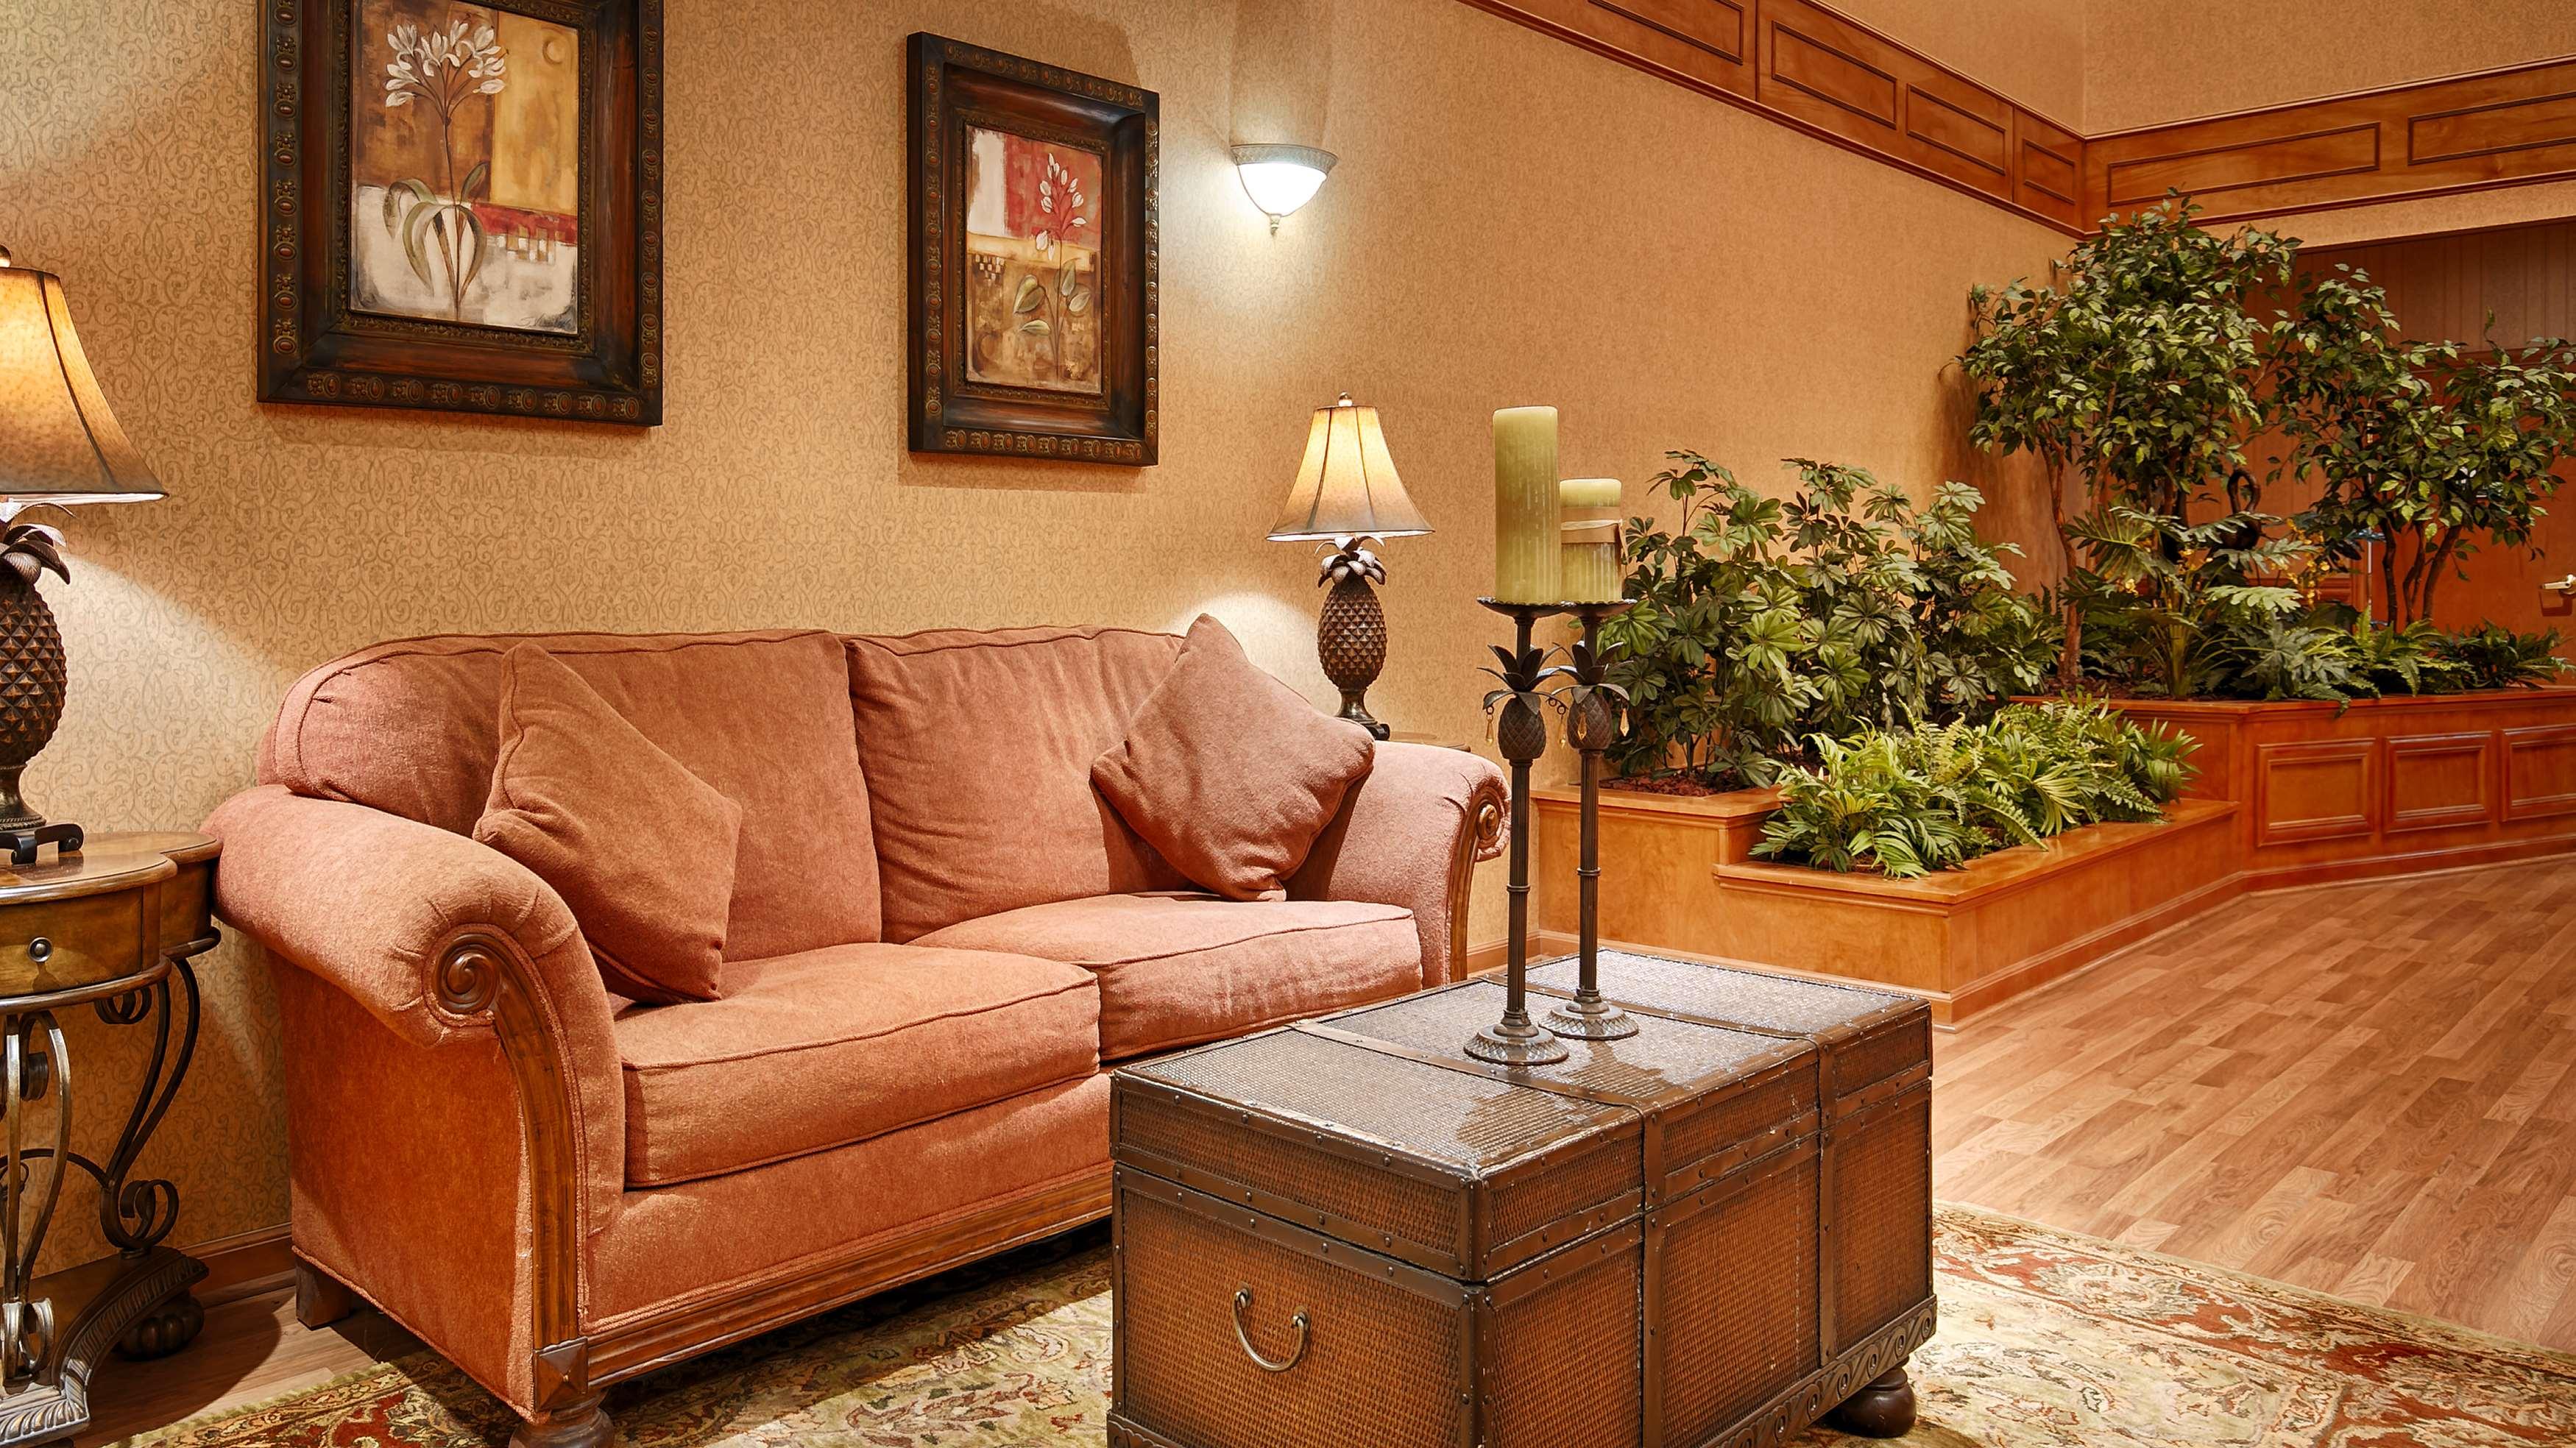 Best Western Plus Bradbury Inn & Suites image 1